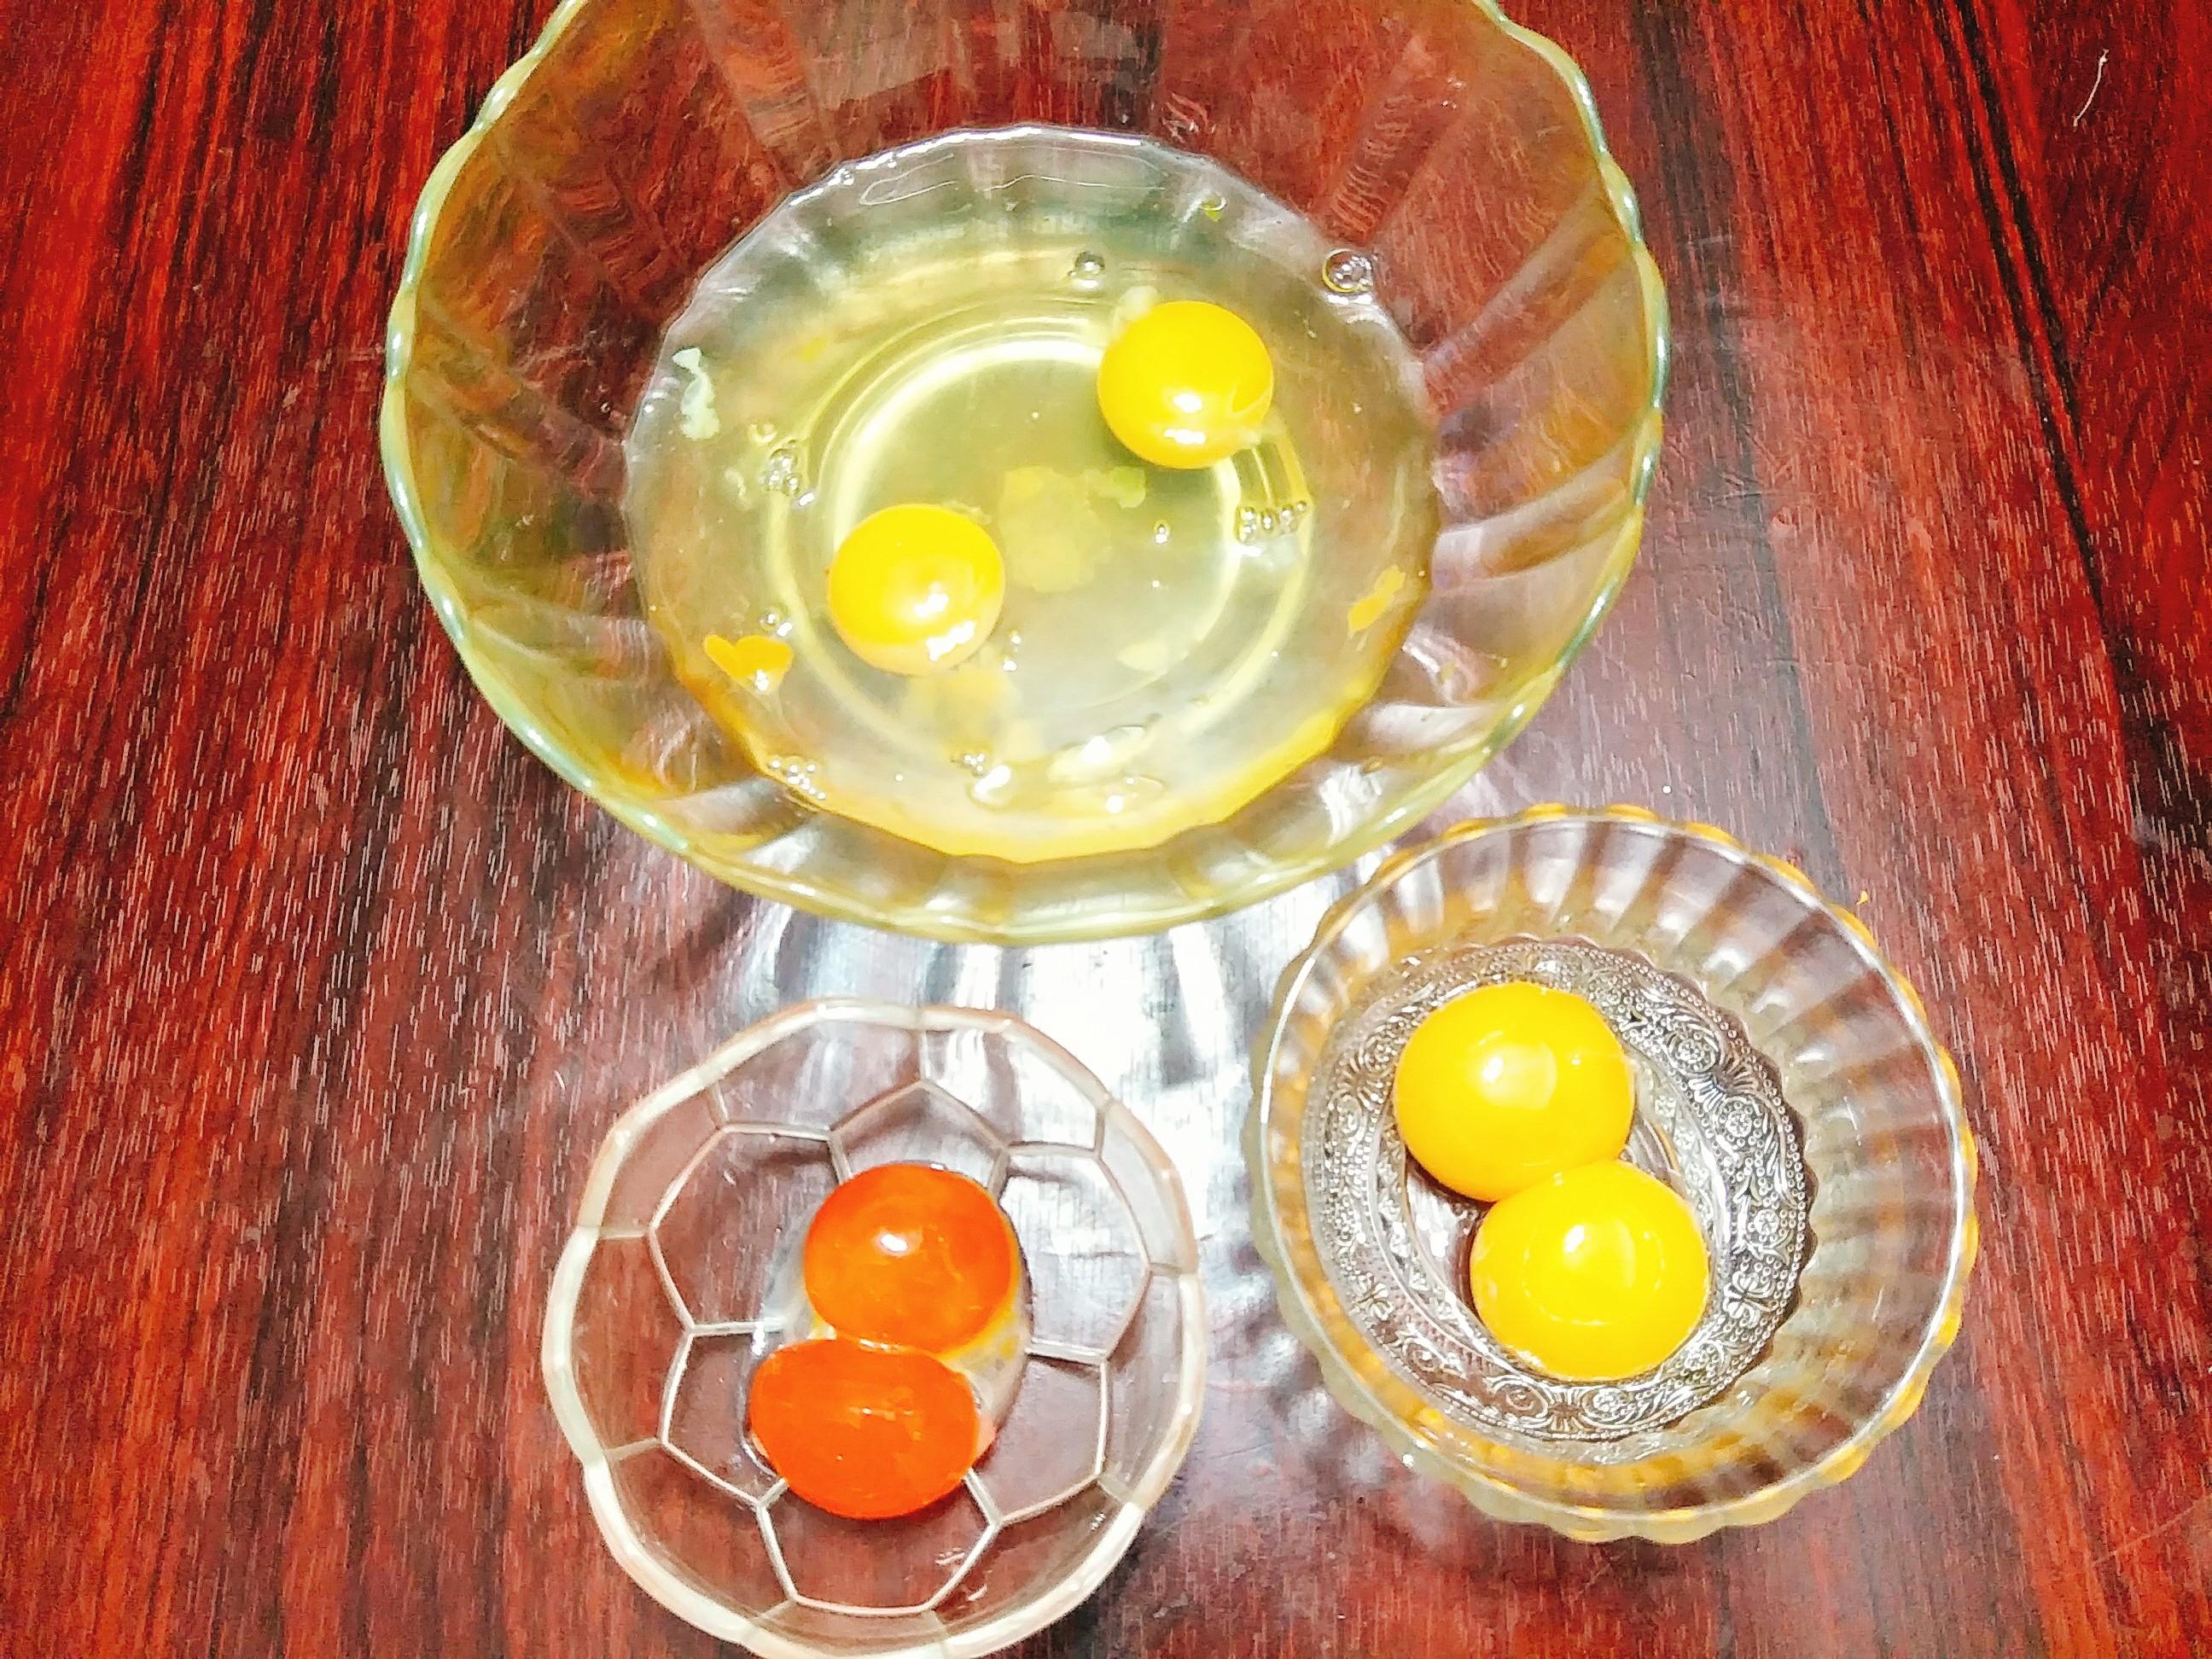 Trứng hấp tam sắc không chỉ hấp dẫn mà cực kỳ tốt cho sức khỏe - 1